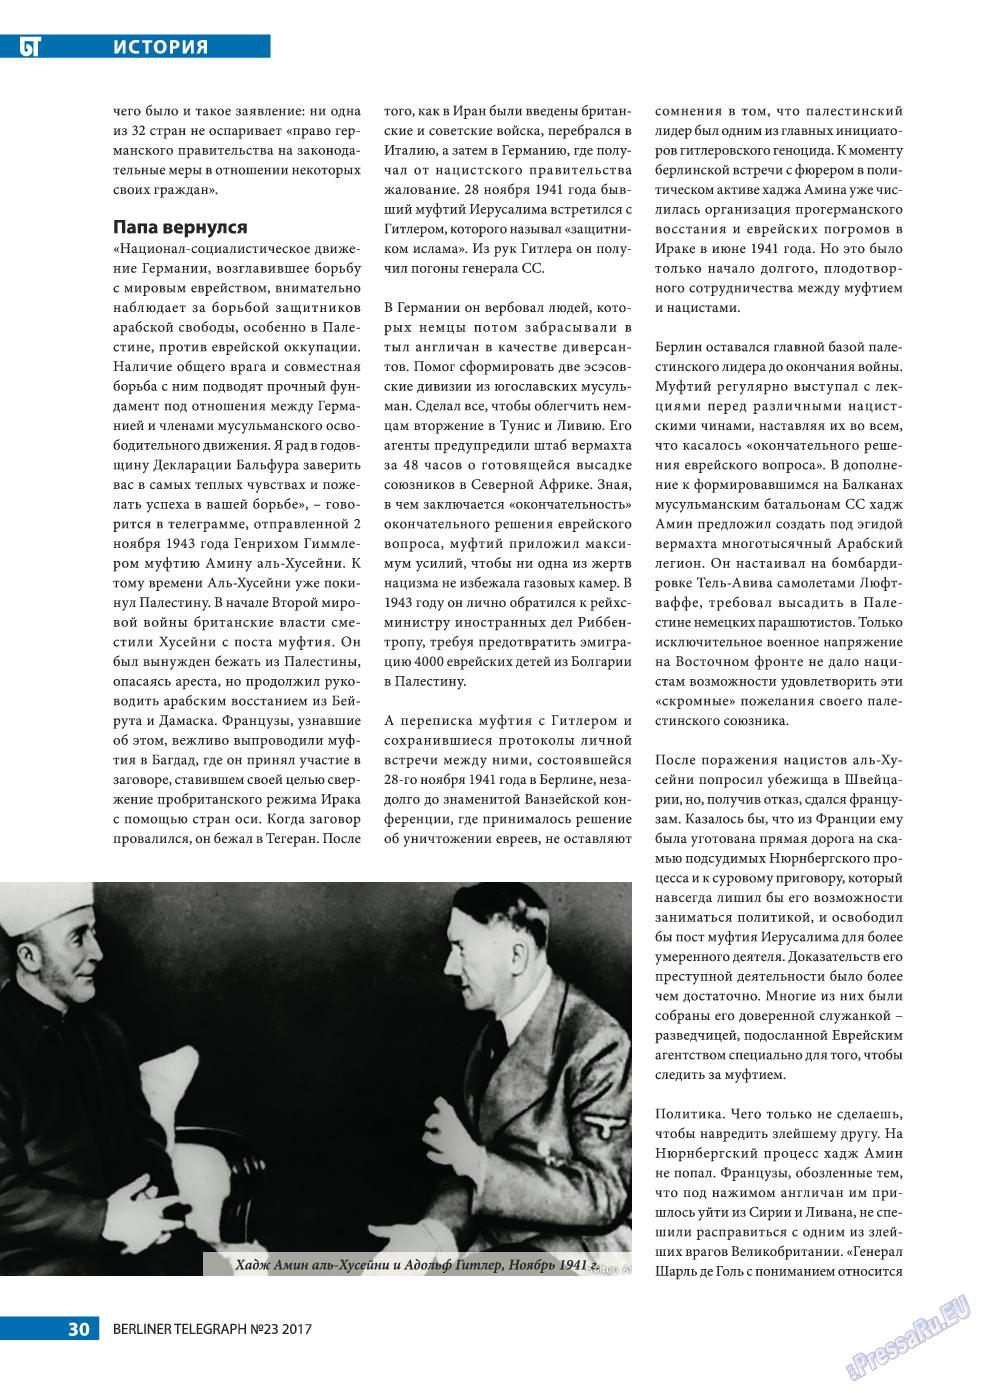 Берлинский телеграф (журнал). 2017 год, номер 23, стр. 30